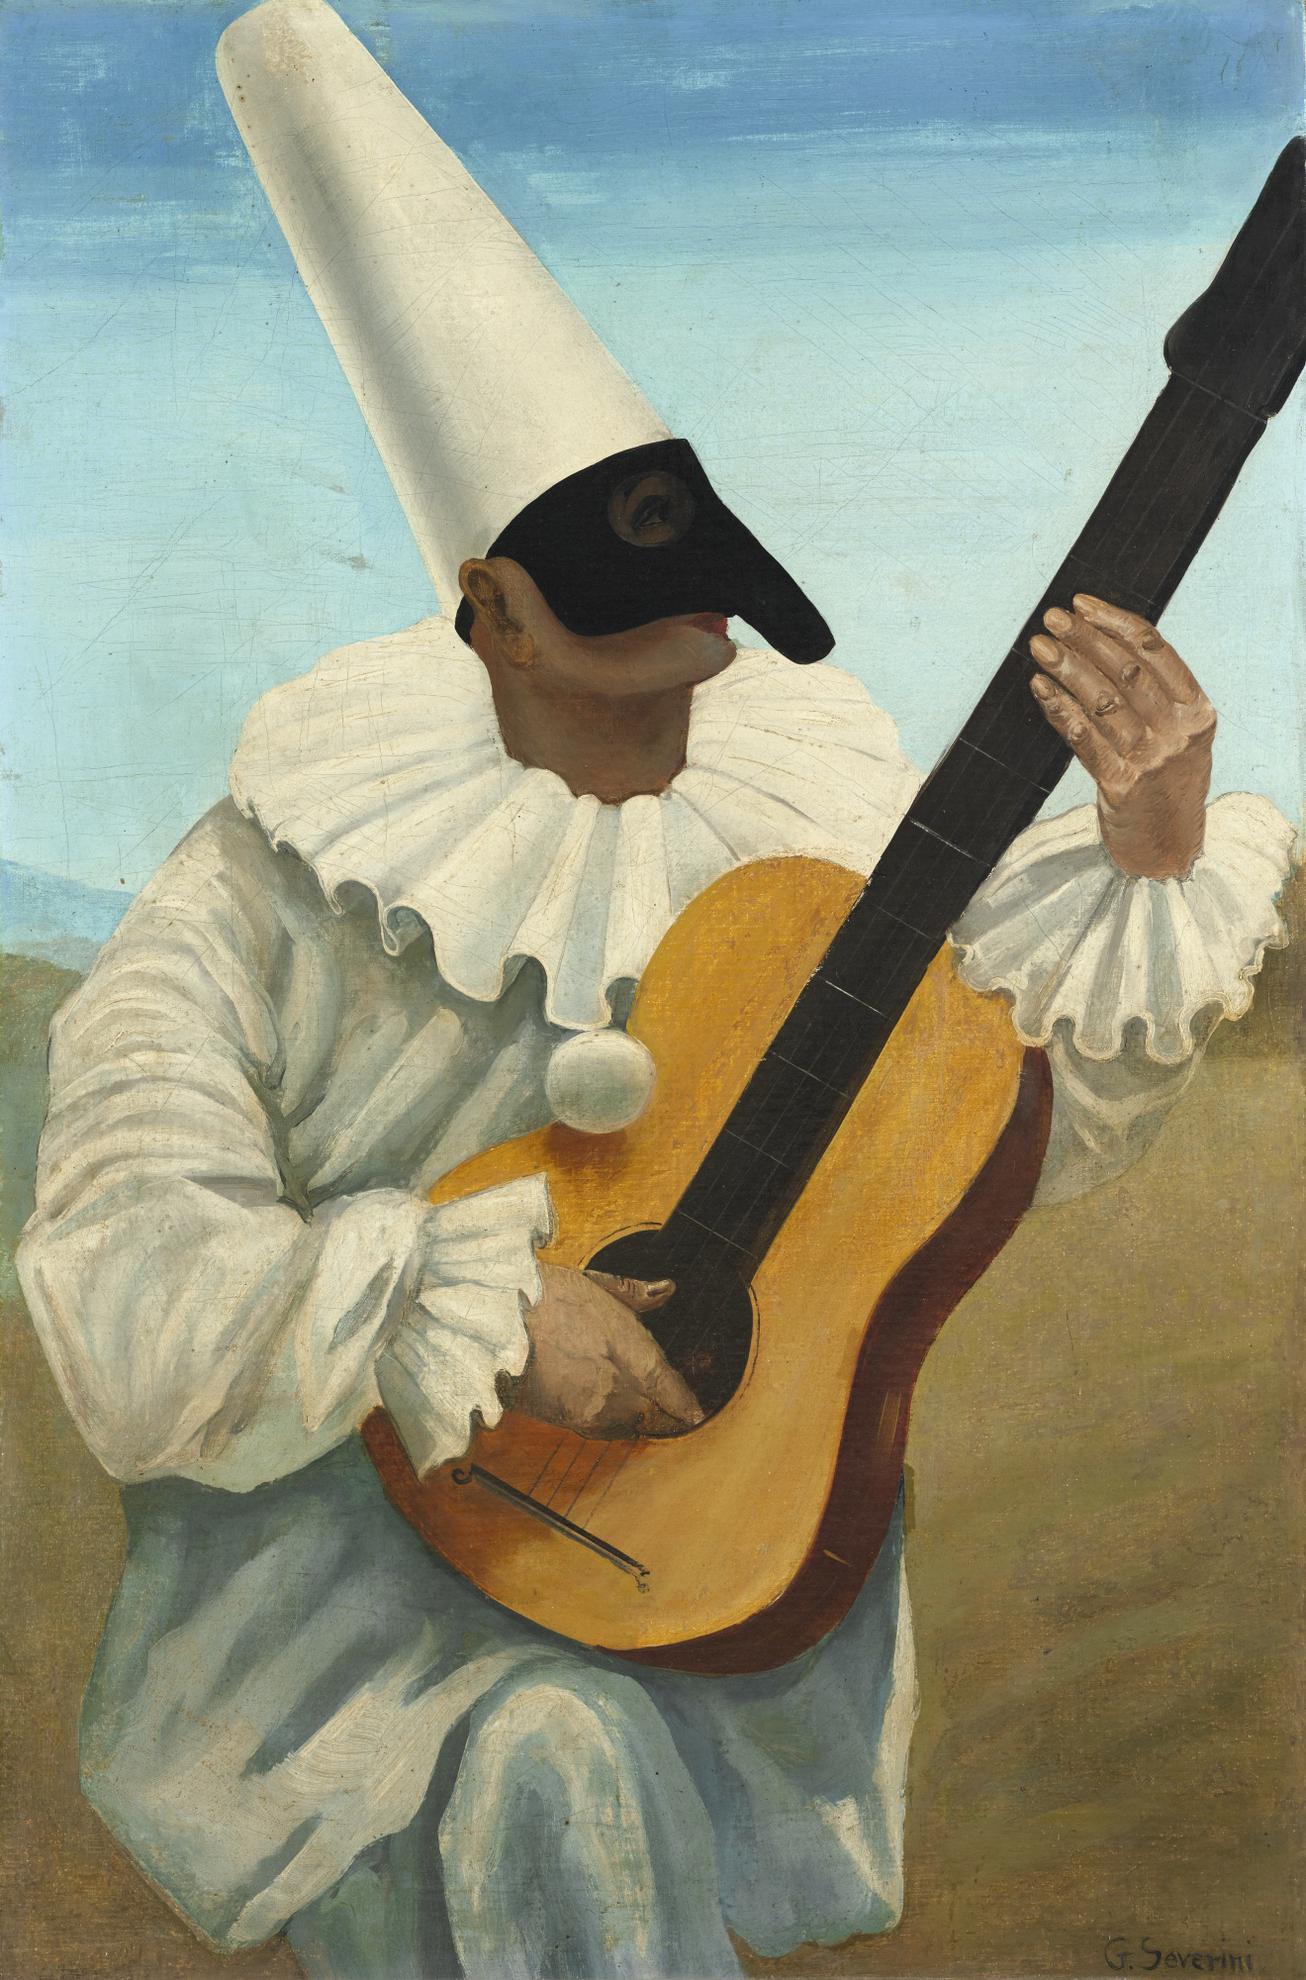 Gino Severini-Pulcinella Con Chitarra (Pulcinella With Guitar)-1923